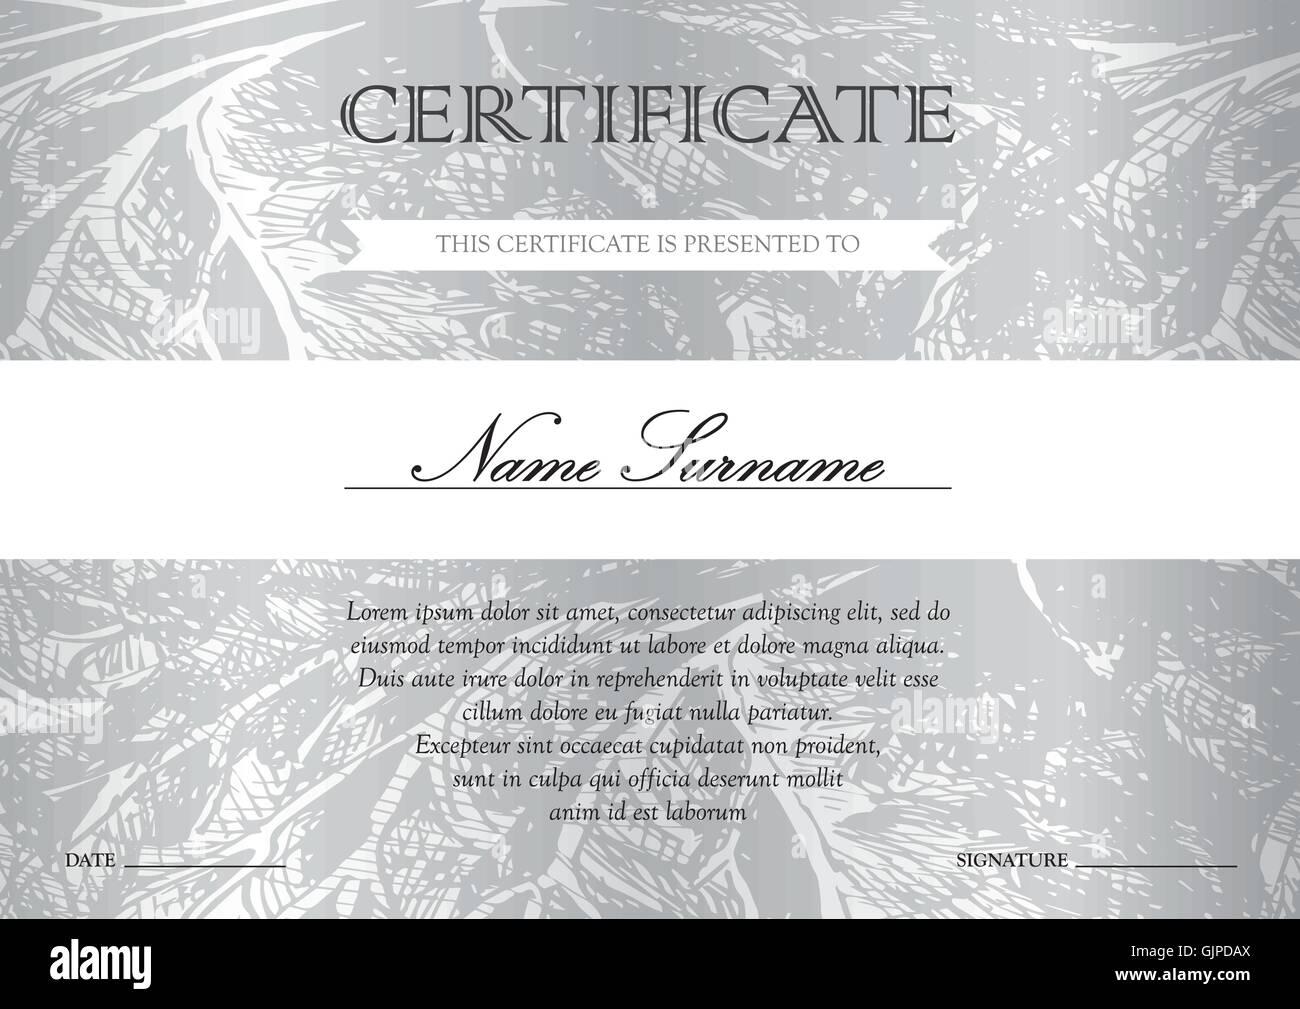 Berühmt Gewinner Zertifikate Ideen - Bilder für das Lebenslauf ...